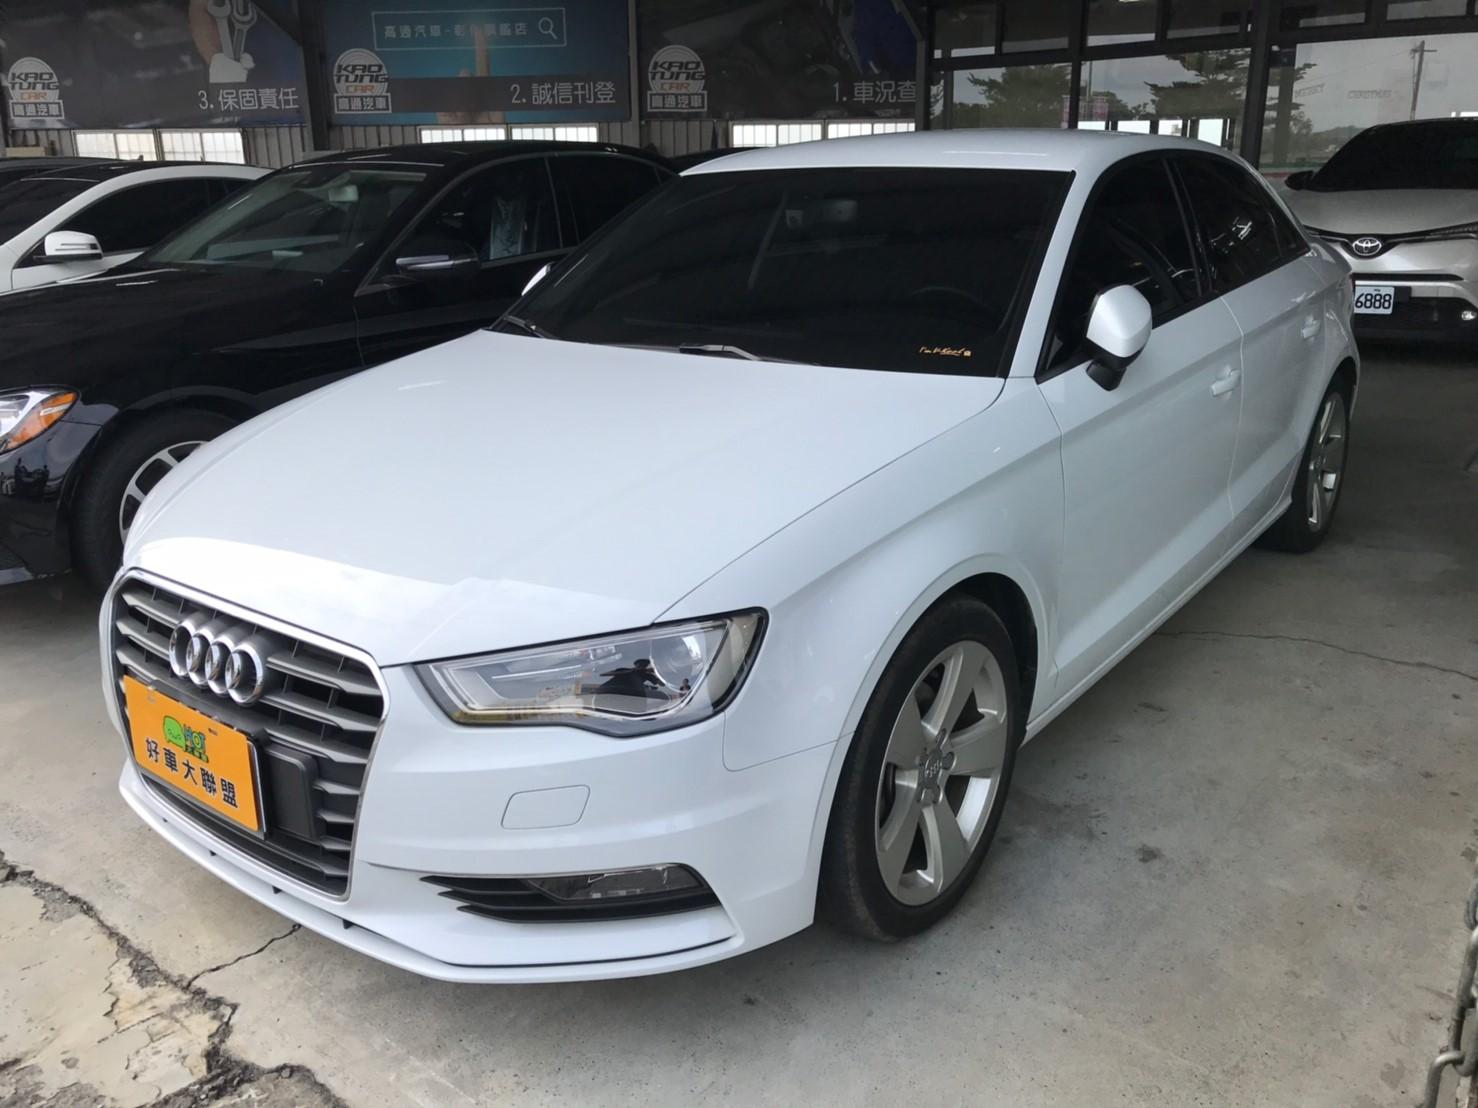 2015 Audi 奧迪 A3 sedan